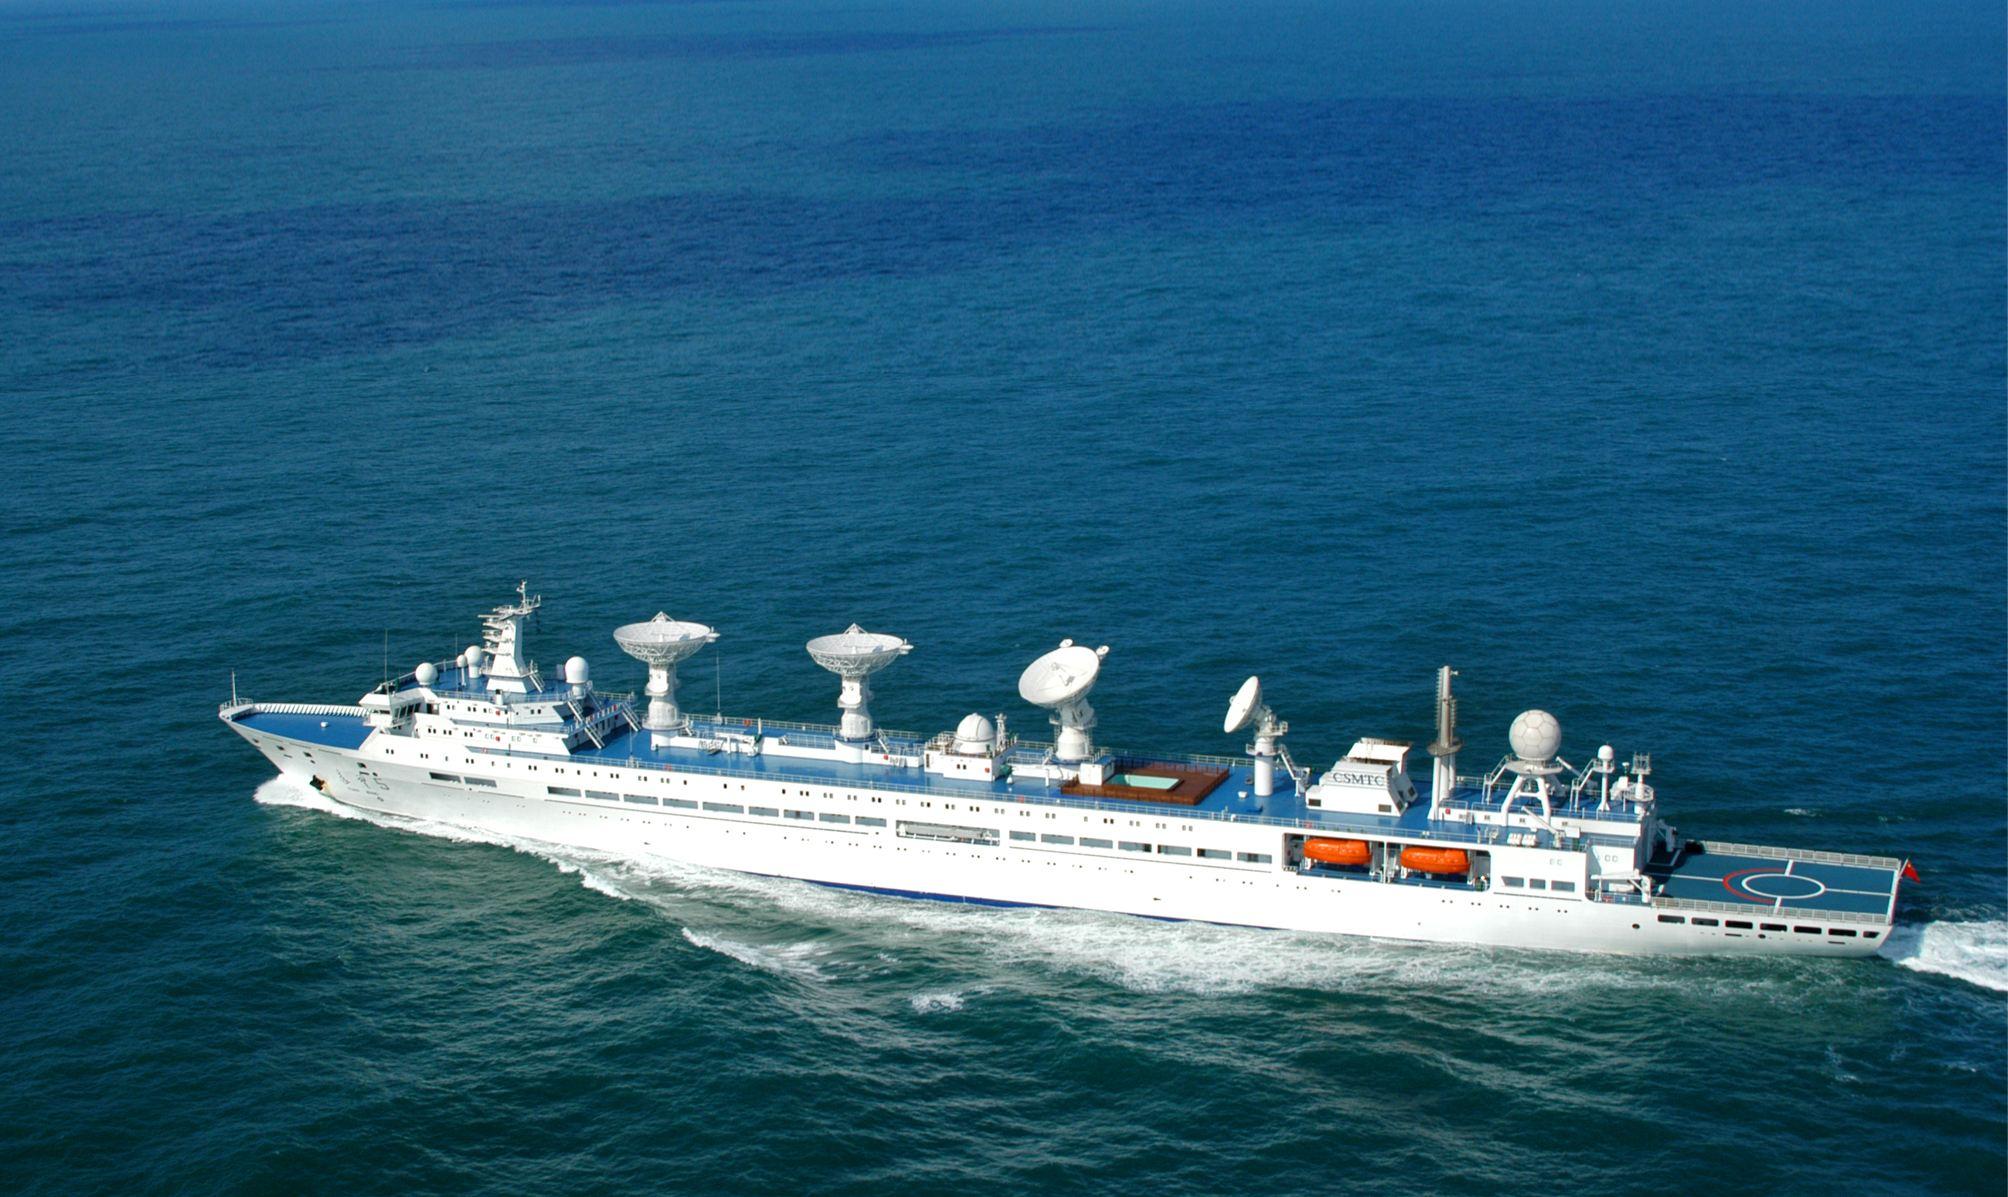 Buque chino de seguimiento espacial regresa a puerto tras cumplir misiones de monitoreo